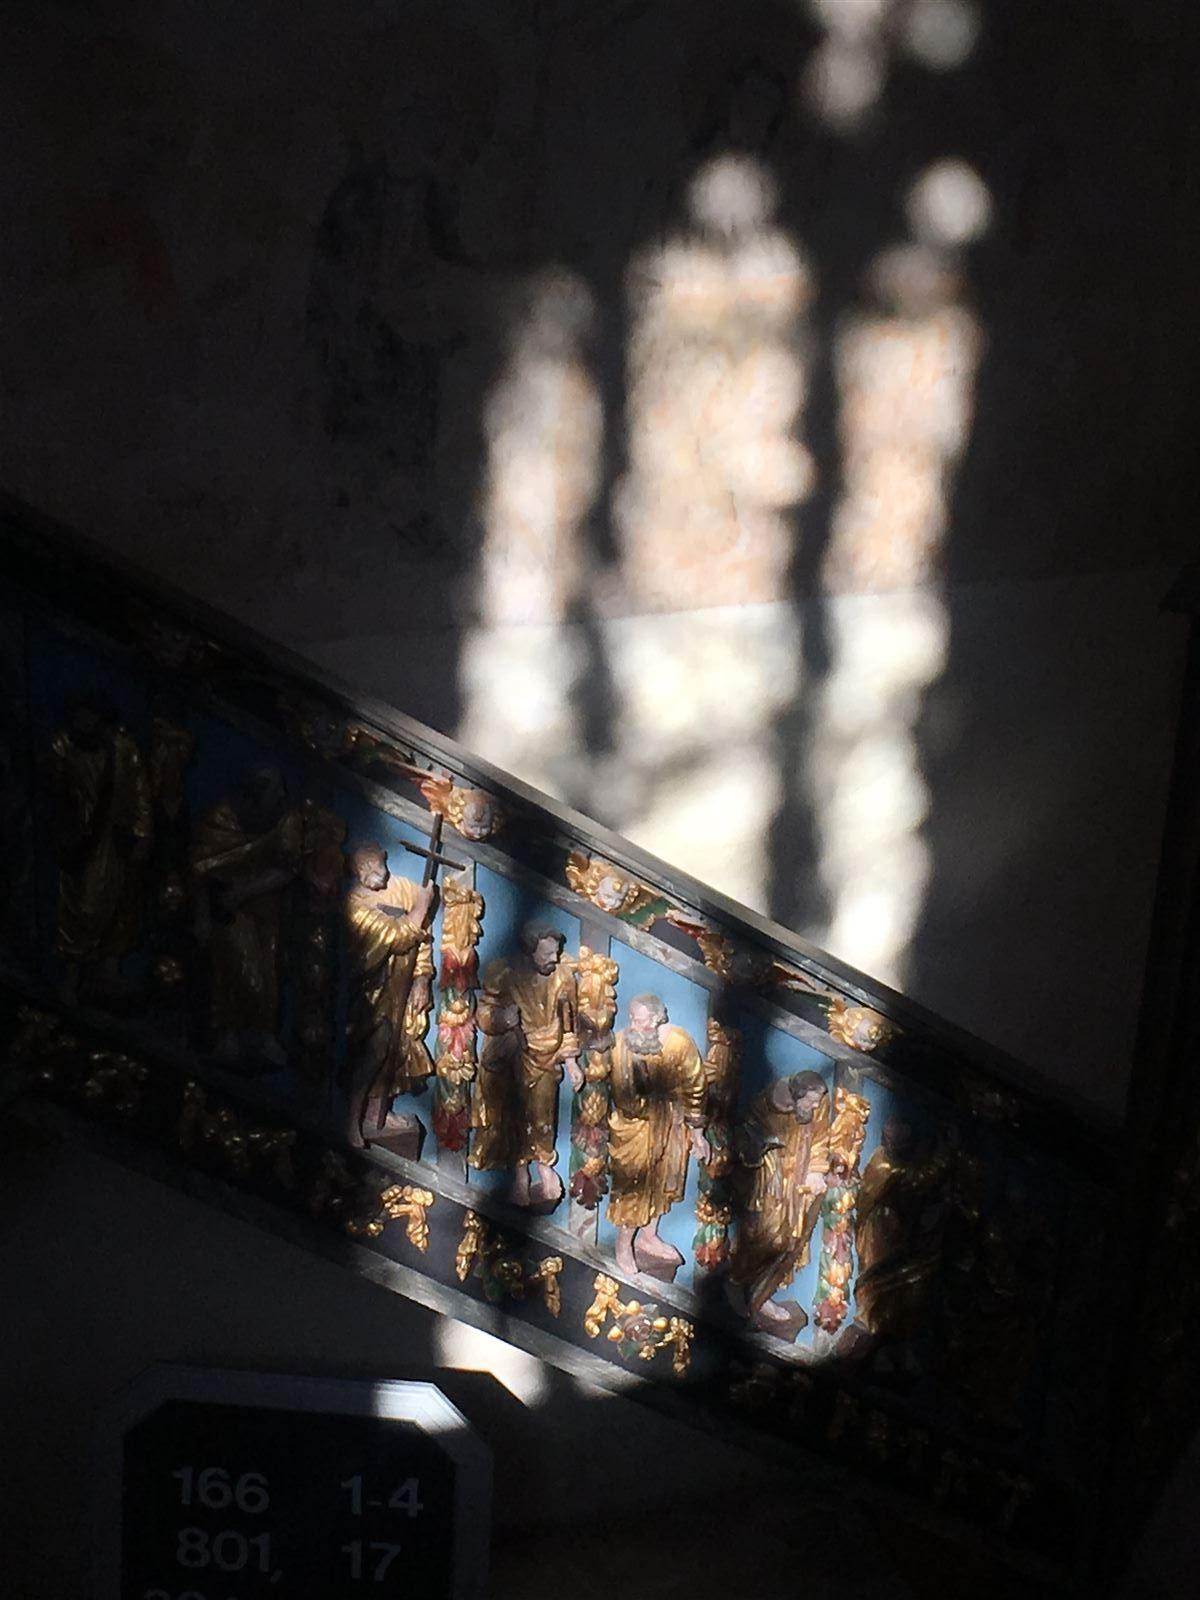 Die Dorfkirche in Pilgramsreuth - Fichtelgebirge - Bayern